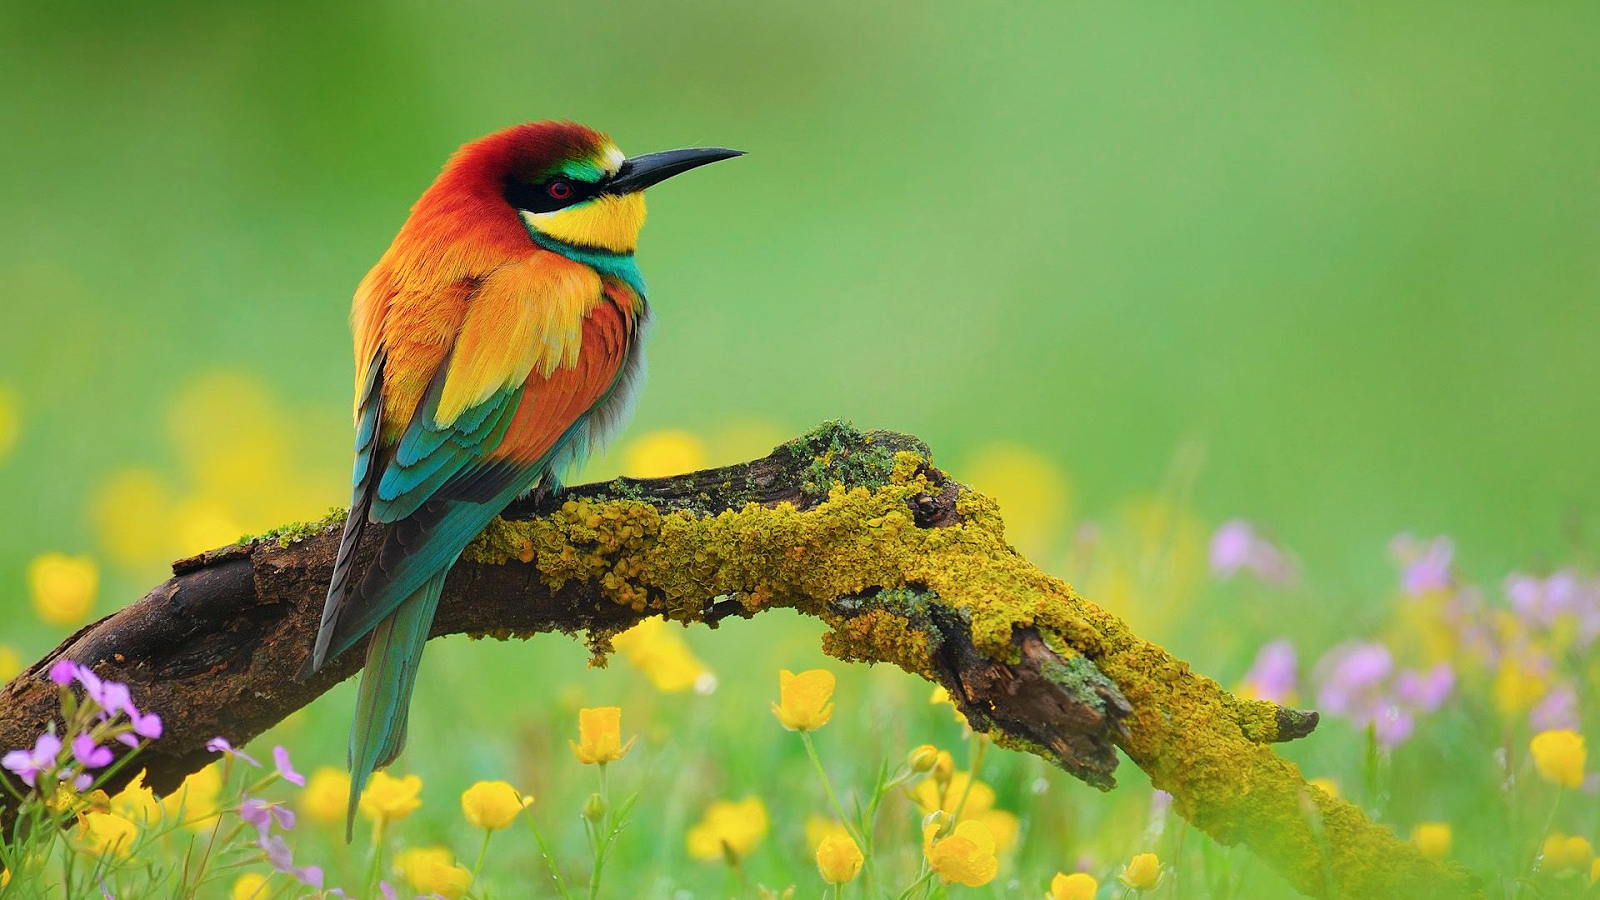 11 Png 1600 900 Fondo De Pantalla De Aves Pajaros Bonitos Arboles Con Pajaros